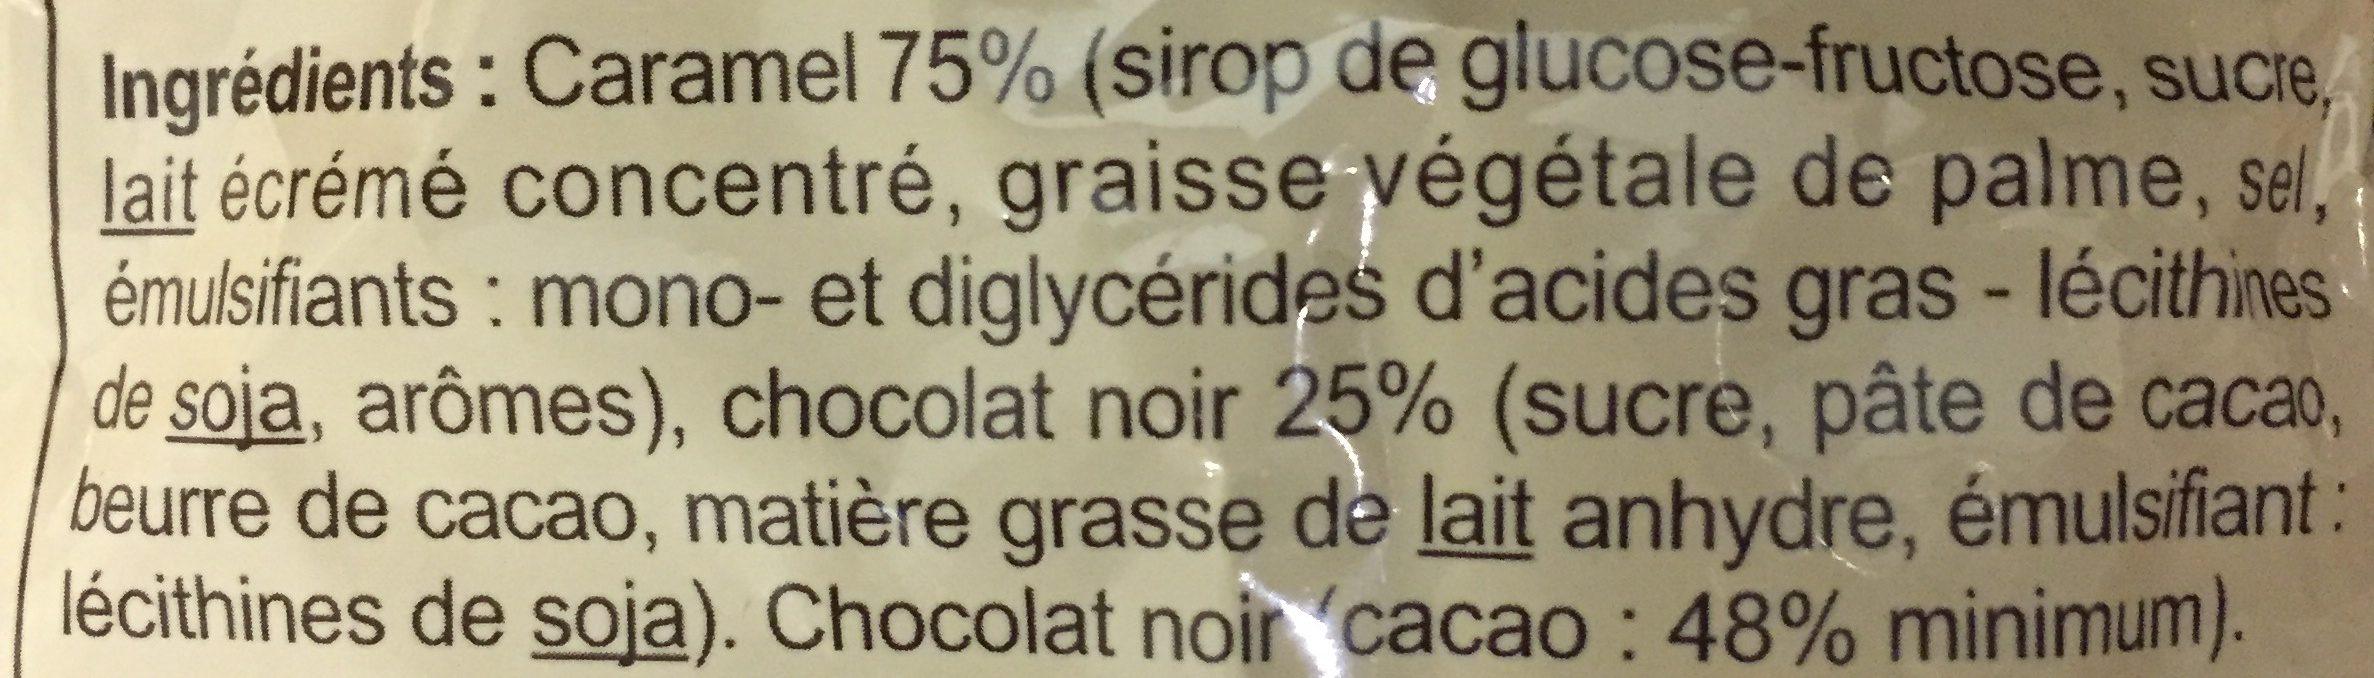 CARAM'CHOC Caramels tendres - Ingrediënten - fr